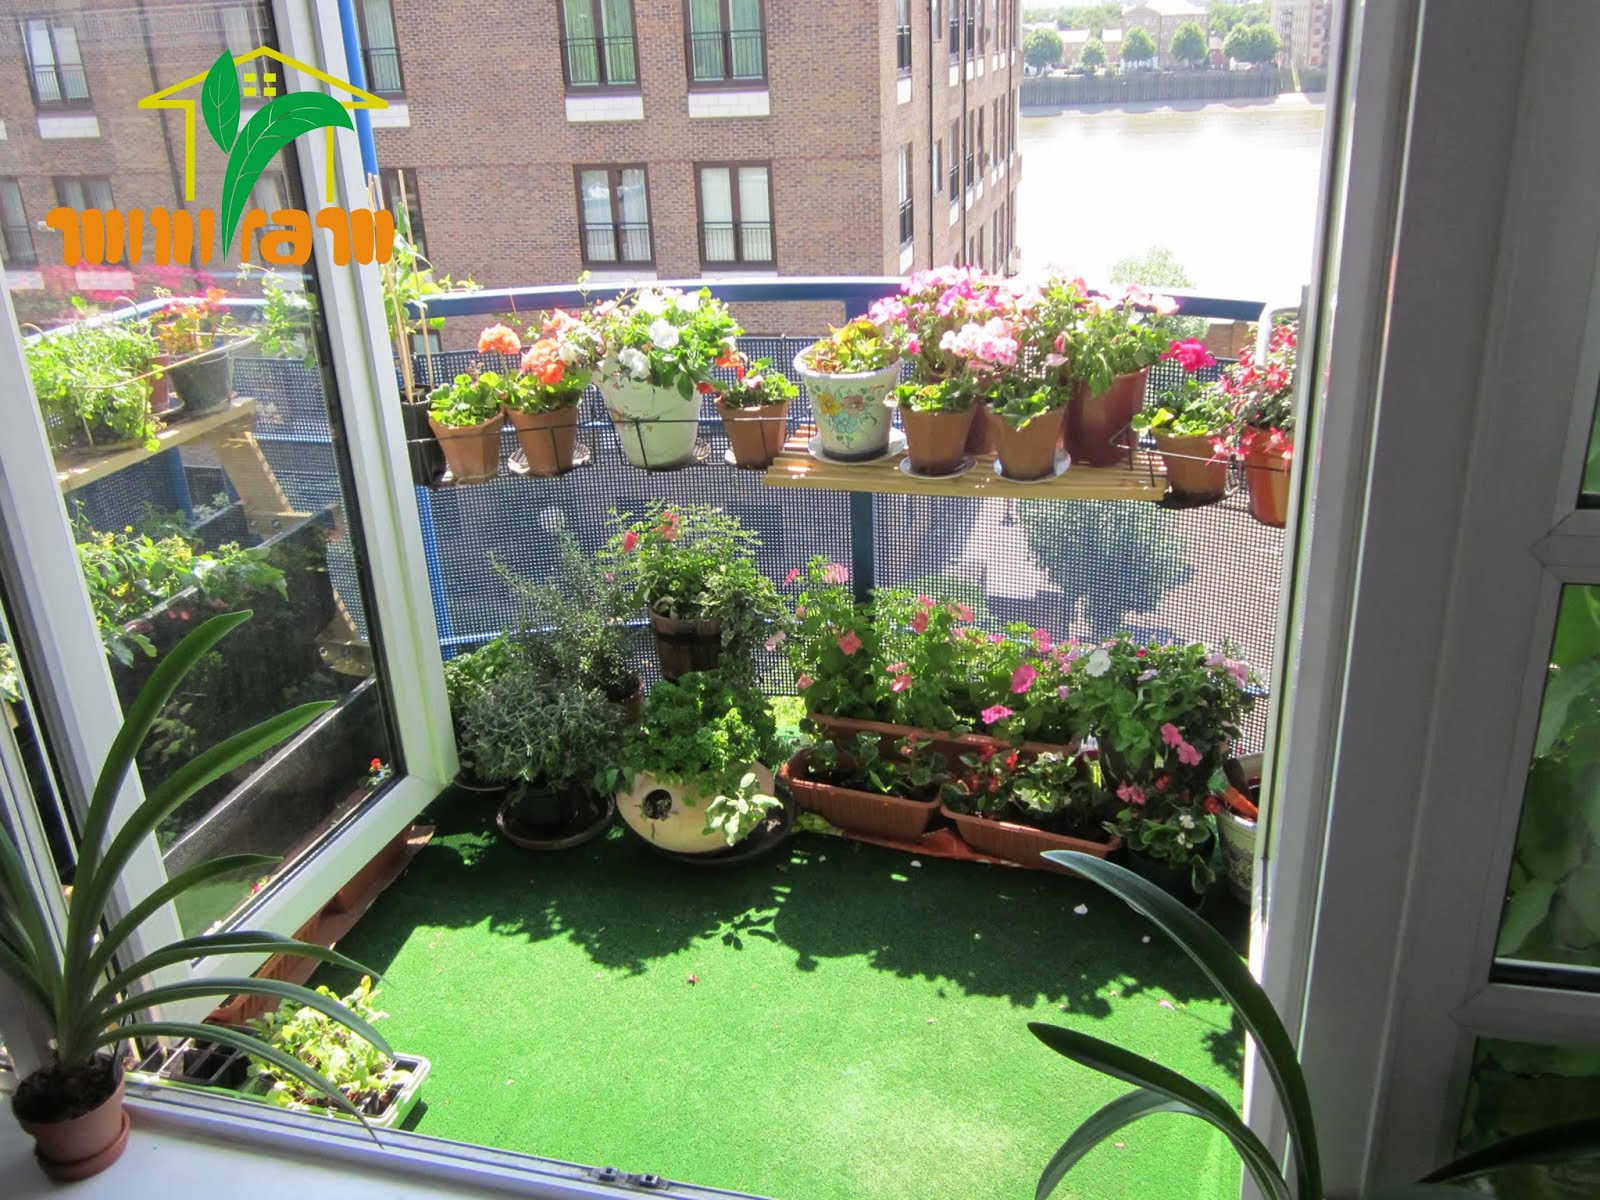 Chậu nhựa chữ nhật trồng cây trang trí ban công